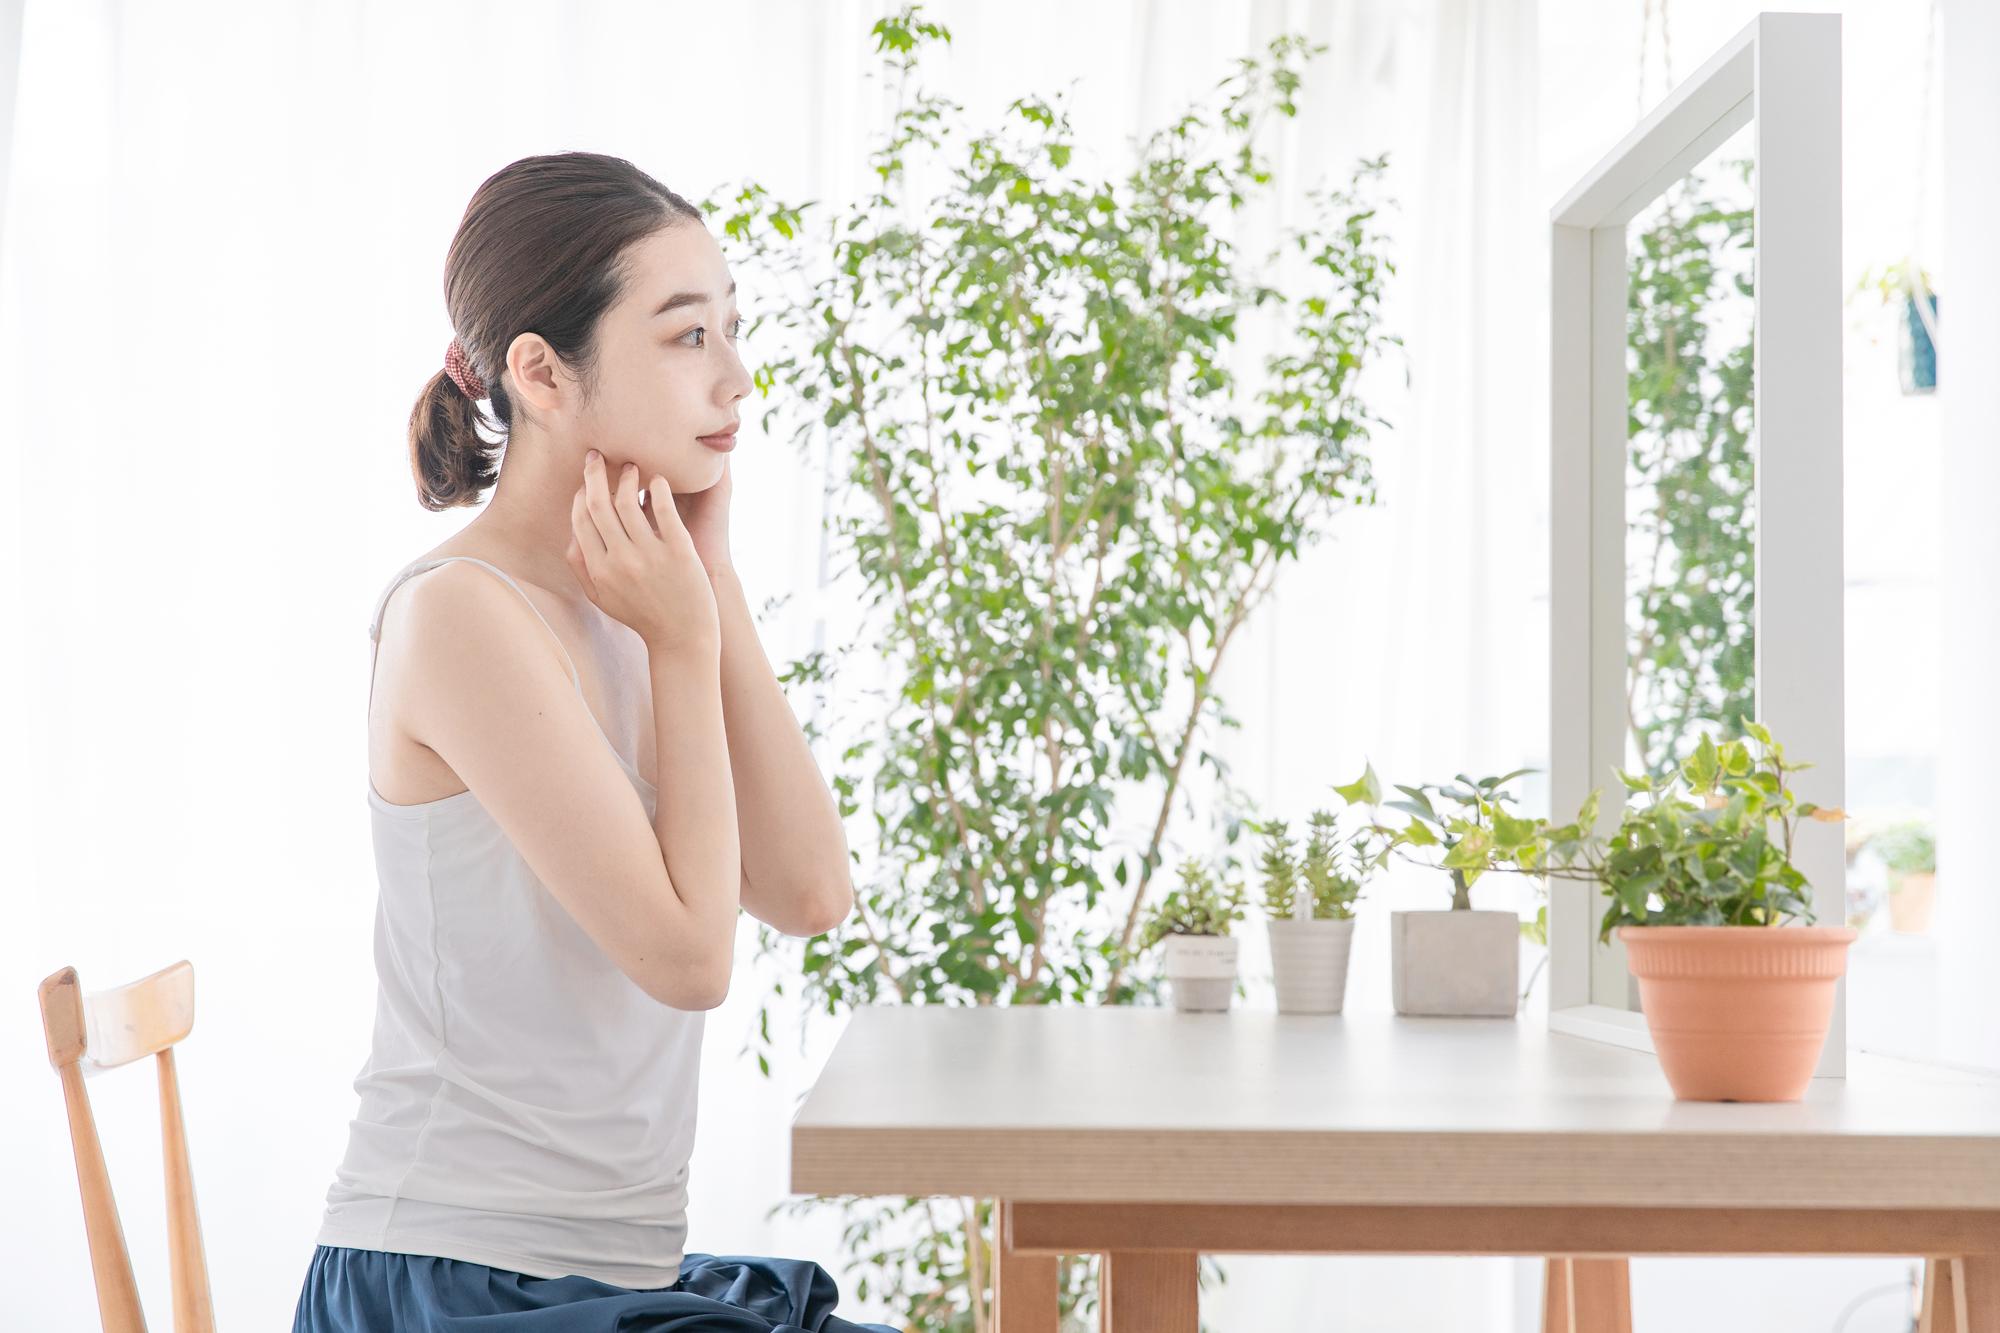 【医師監修】肌の保湿・保護に効果的? ワセリンに期待される効果とは